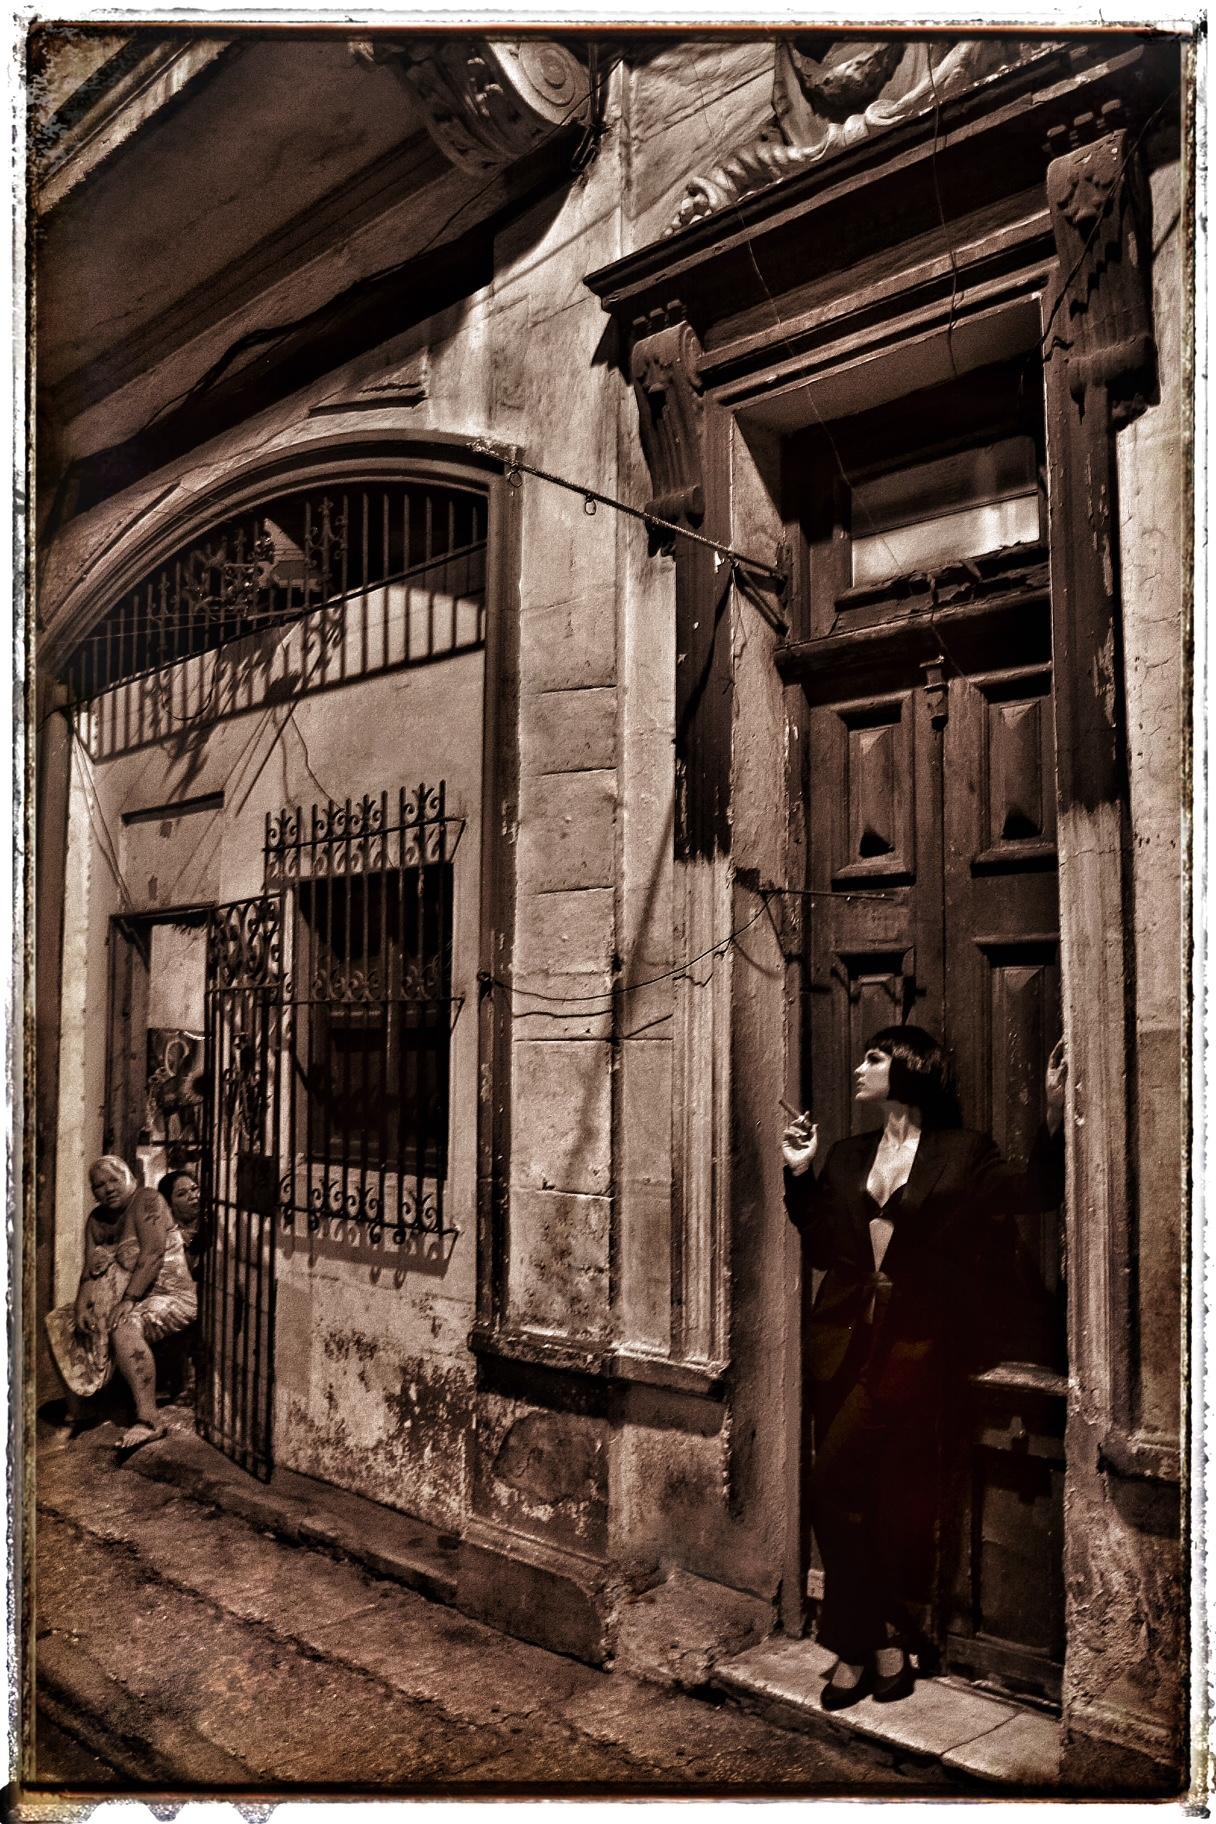 """""""Dos mundos…Cuba"""", es la foto principal de la colección que fue exhibida en la Miami Art Basel, en la Florida y posteriormente subastada en el Museo de Arte de Puerto Rico. (Foto suministrada)"""